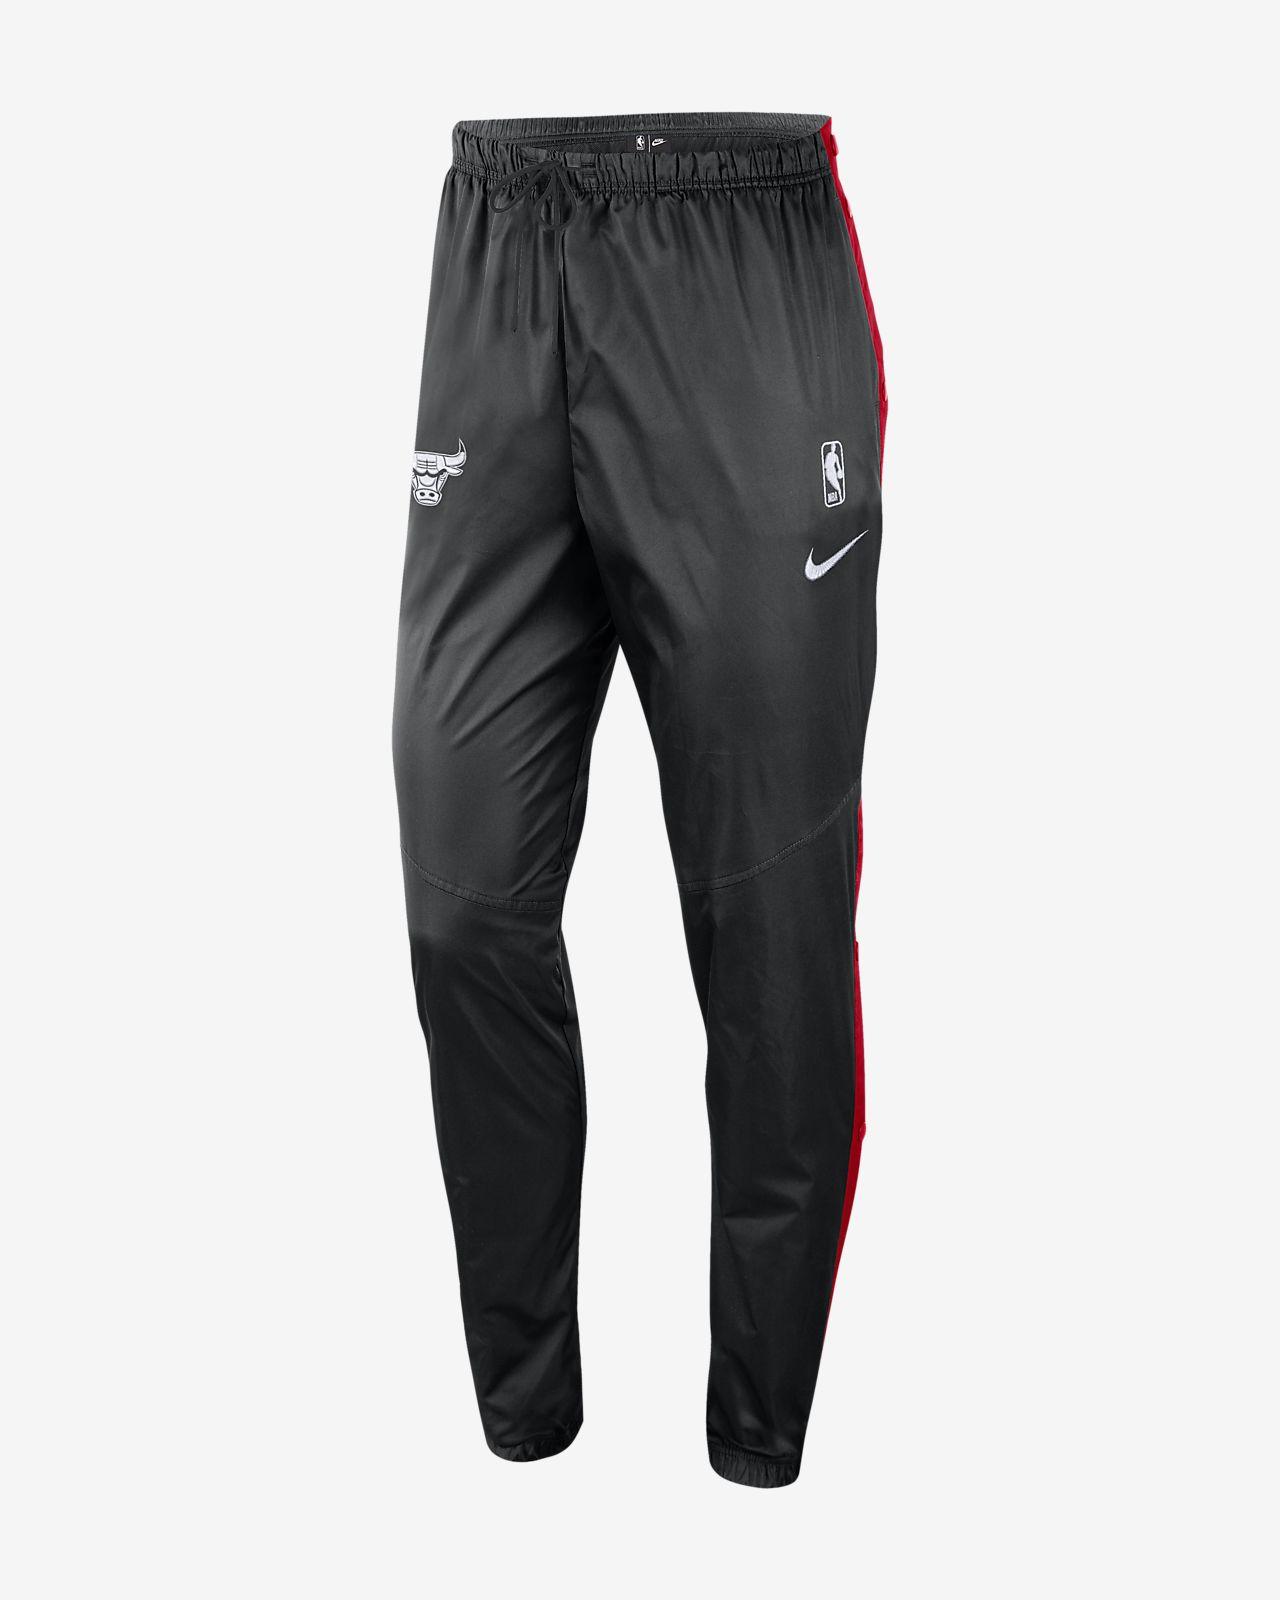 Calças NBA Chicago Bulls Nike para mulher